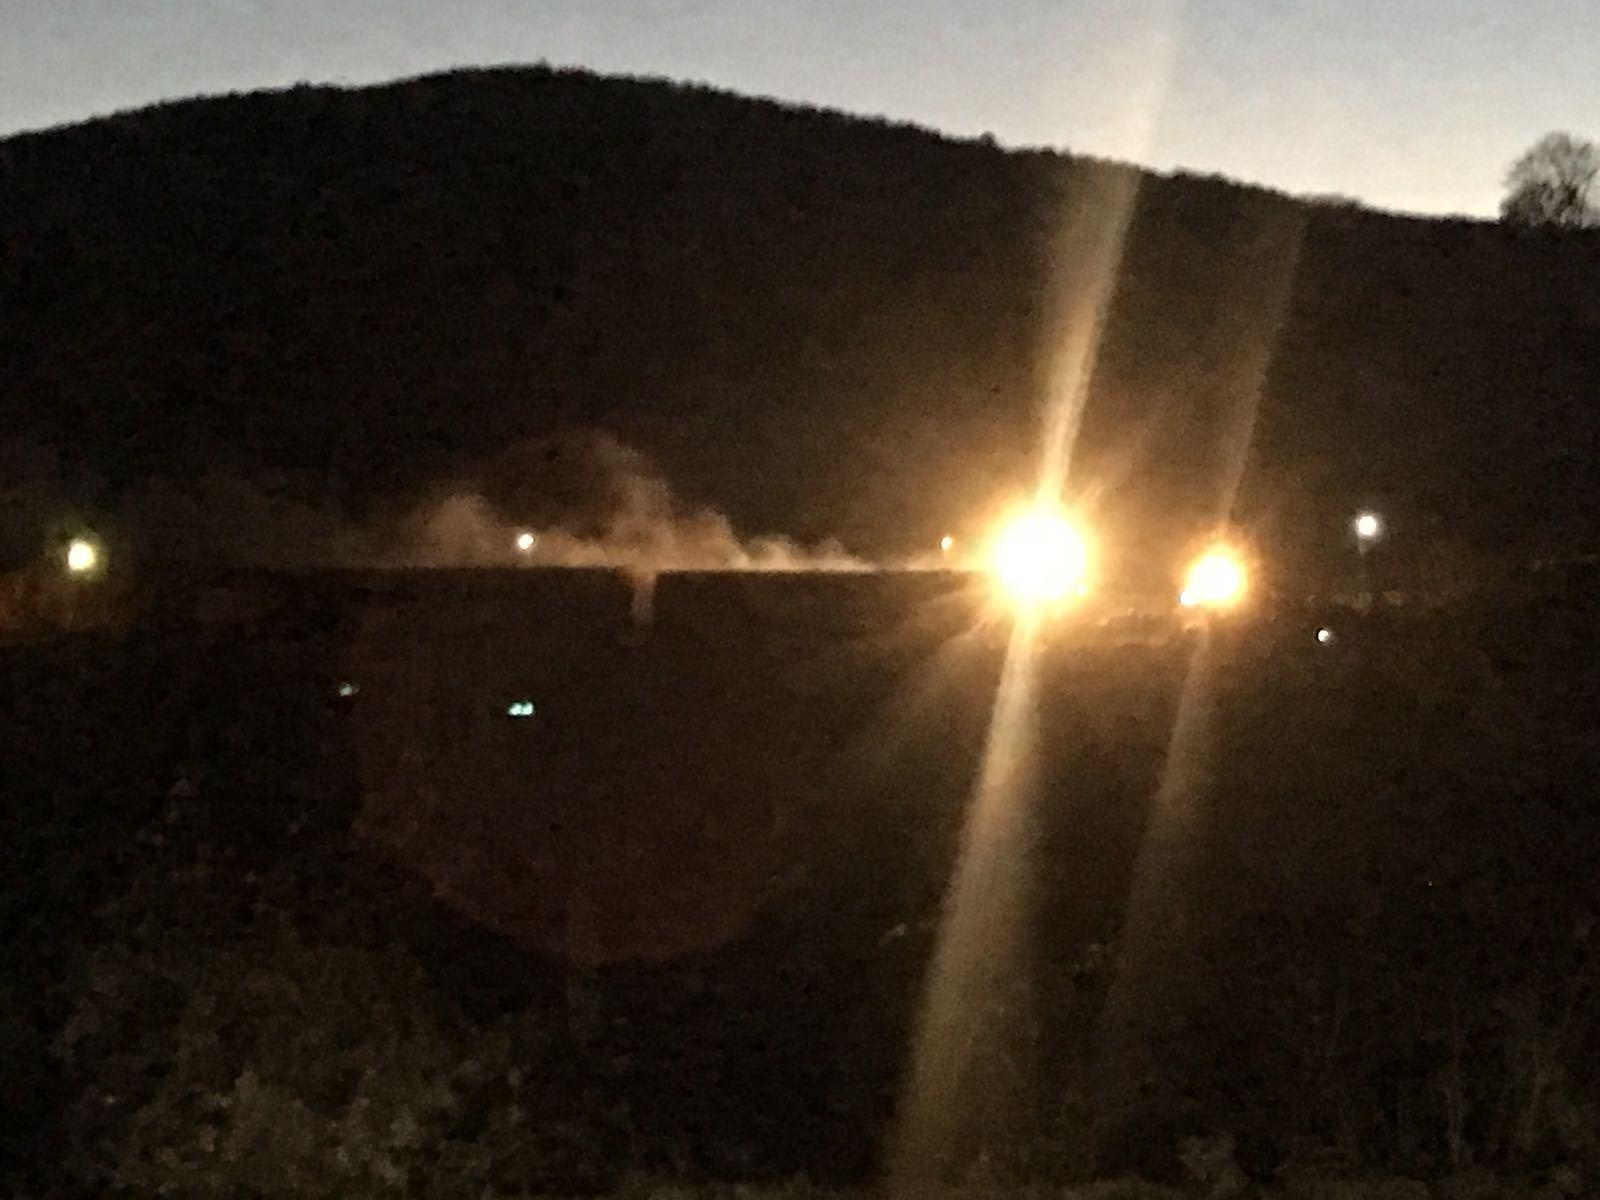 PERICOLUL de explozie din gara Breaza, după ce un vagon cu nitrat de amoniu a luat foc, înlăturat/ Celulă de criză: 16 trenuri, oprite în gări | FOTO, VIDEO